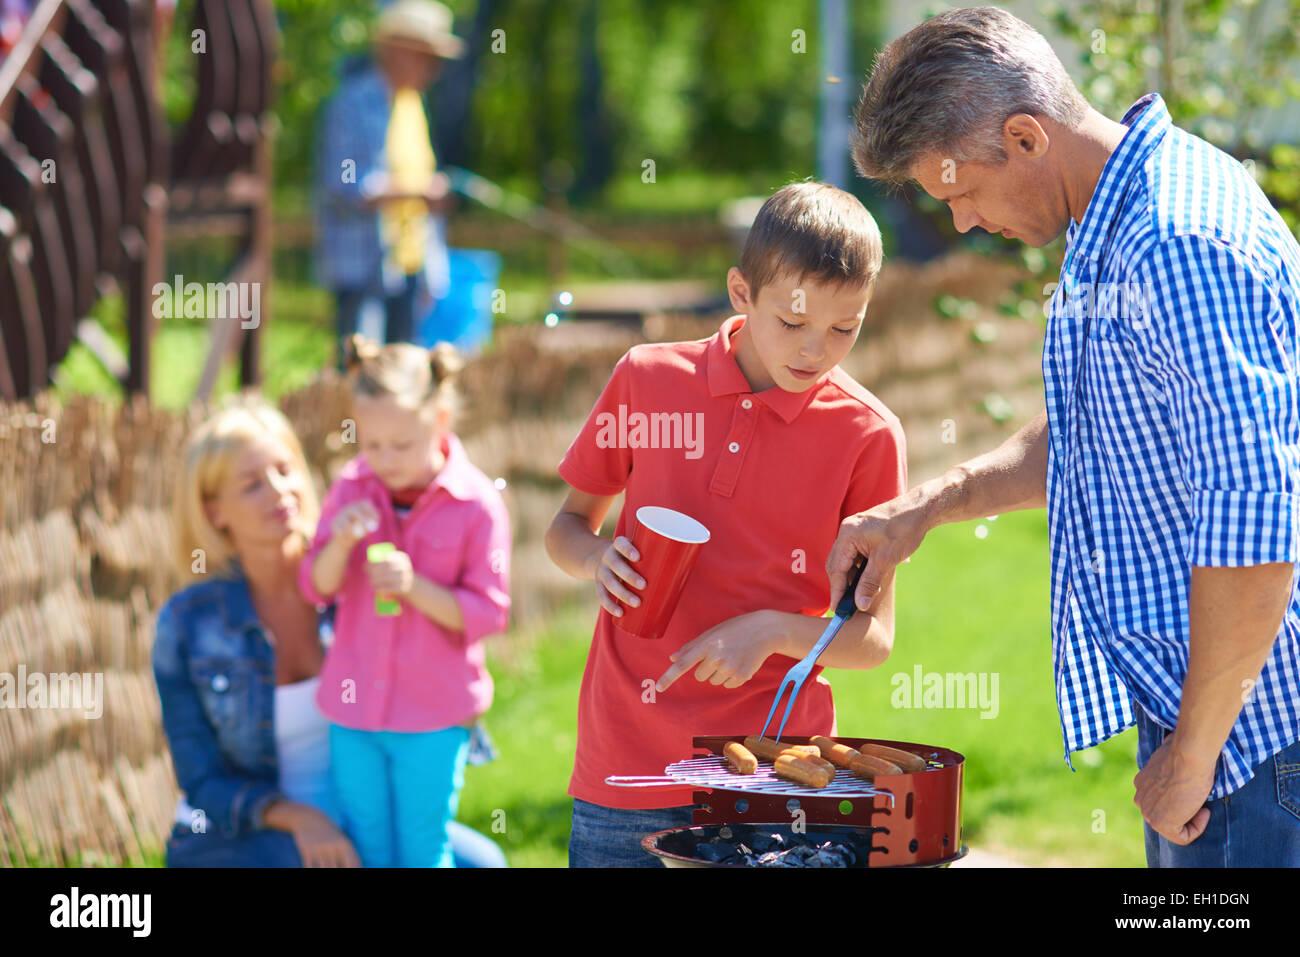 Père et fils la friture des saucisses à leur rassemblement en famille Photo Stock